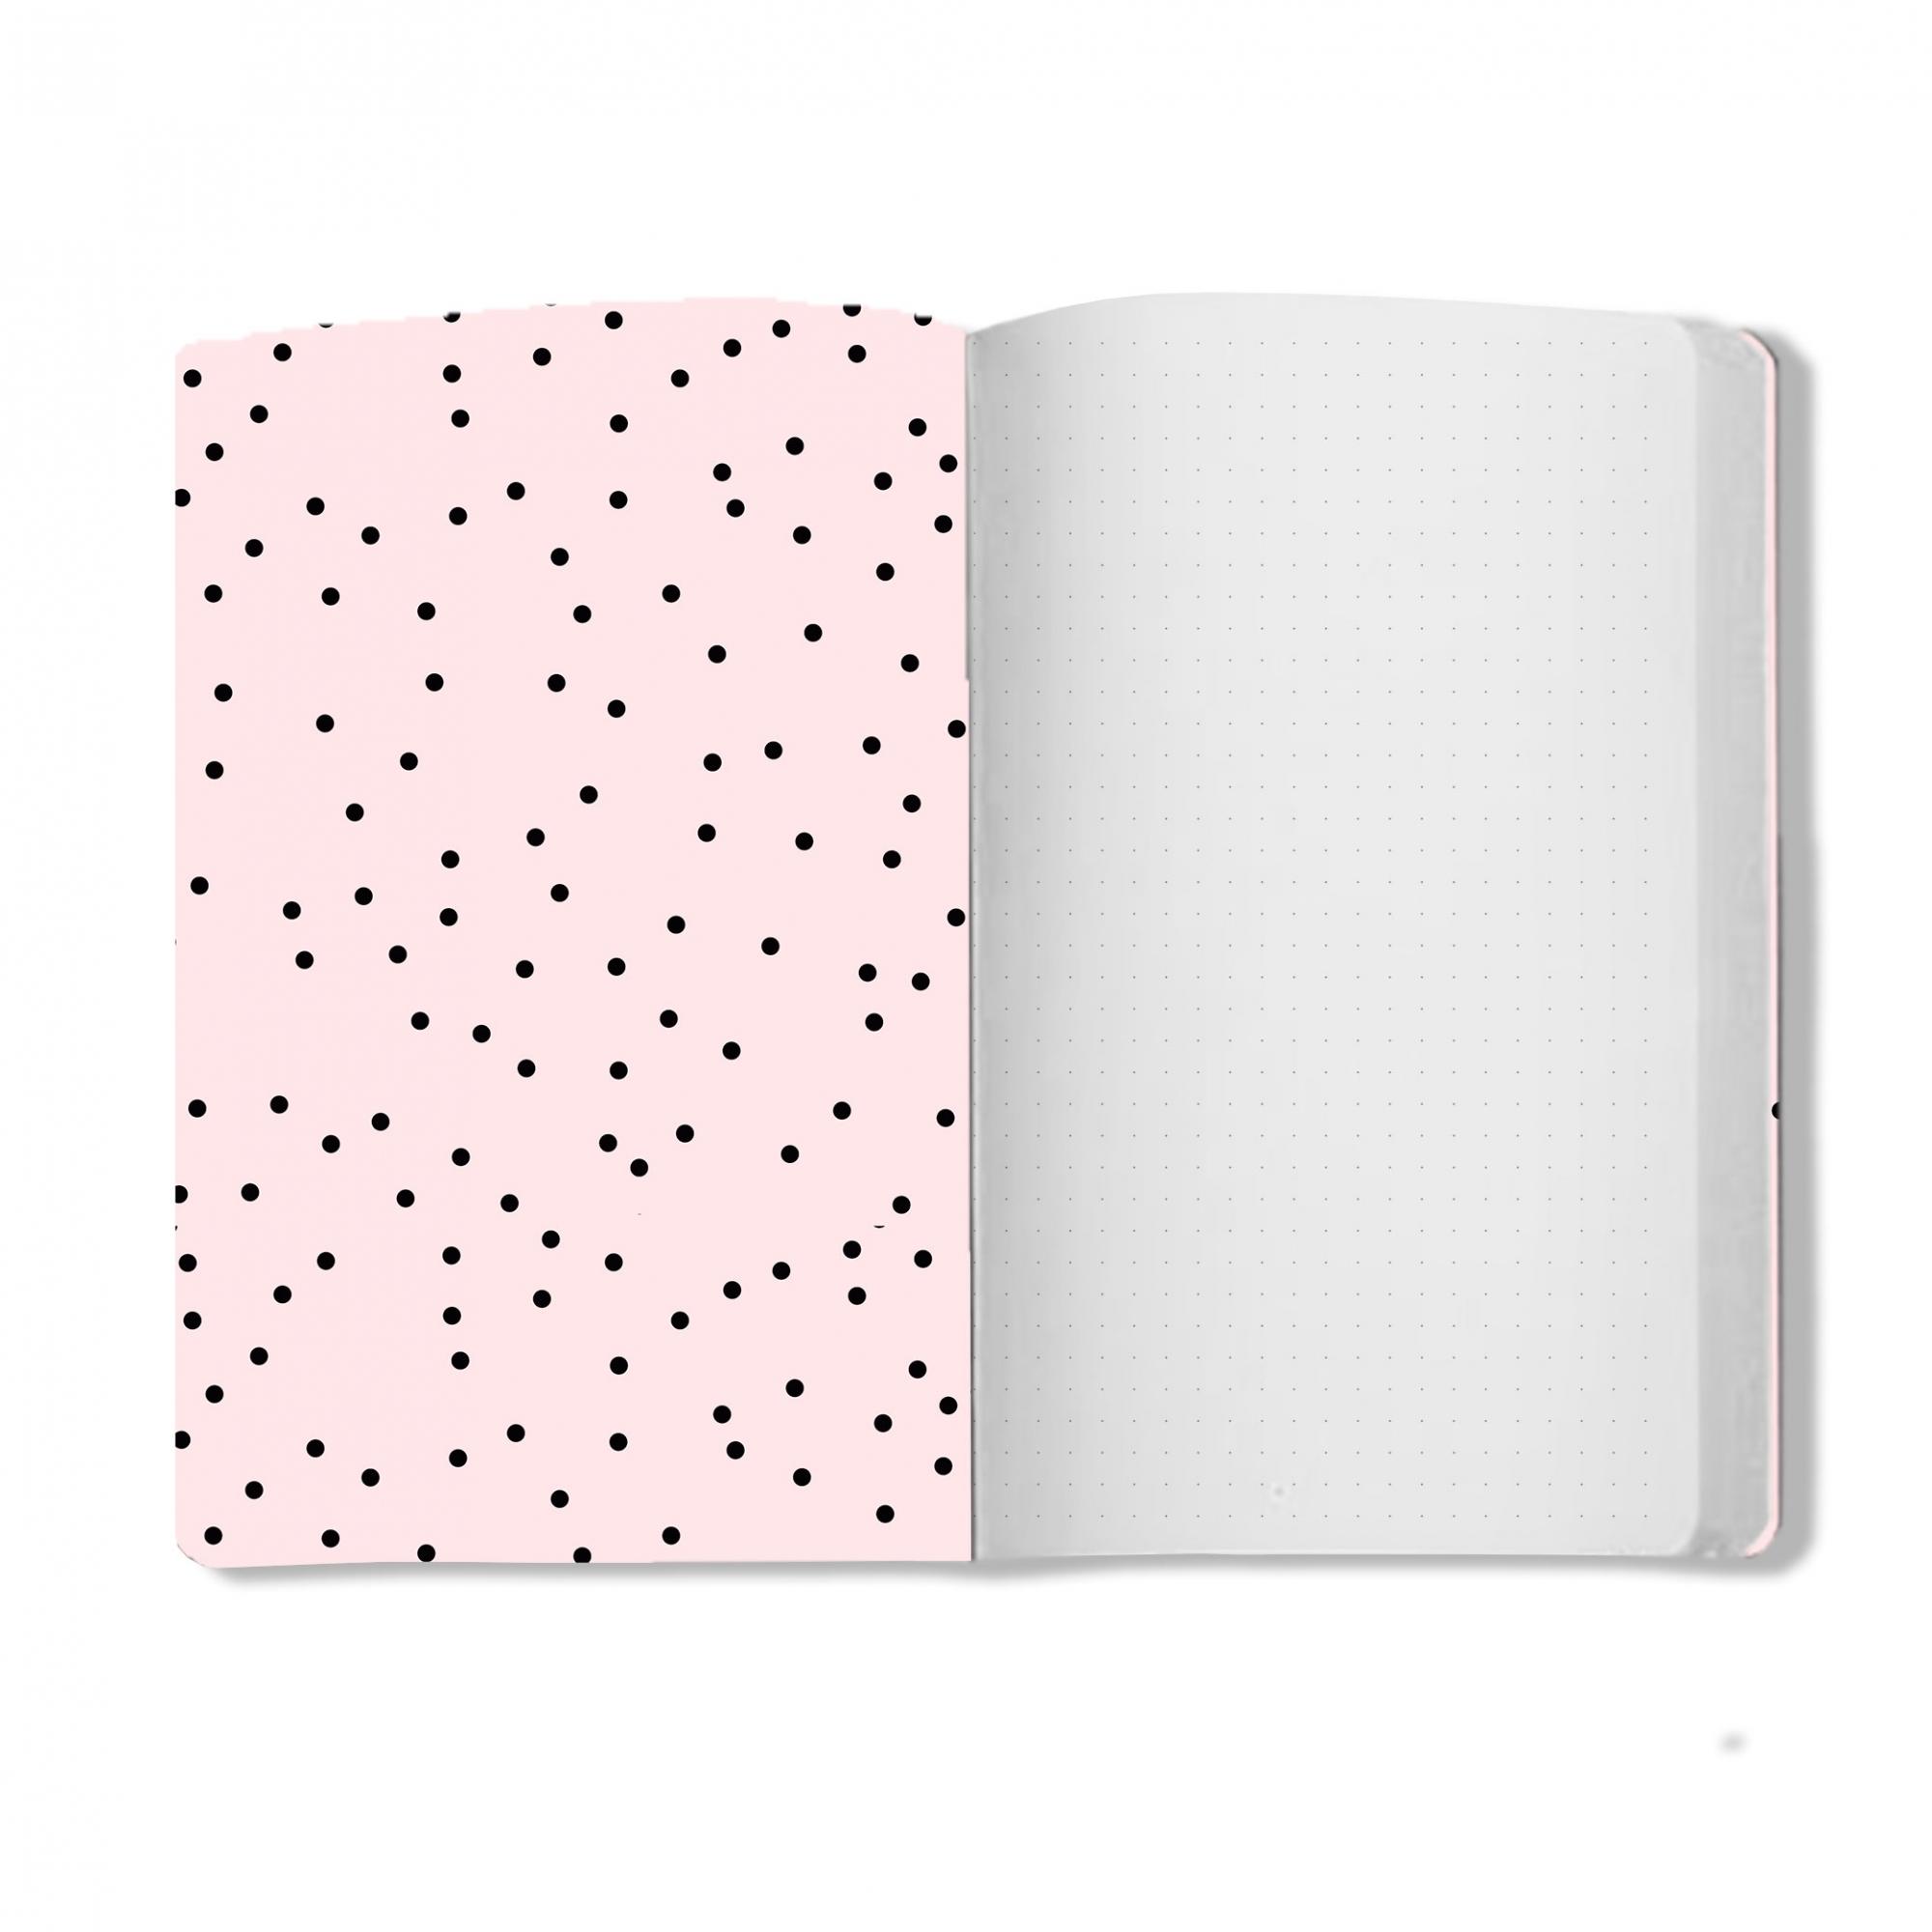 Caderno O Amor é Simples - Scrap Minuto - Coleção Espalhando Amor / Juju Scrapbook  - JuJu Scrapbook